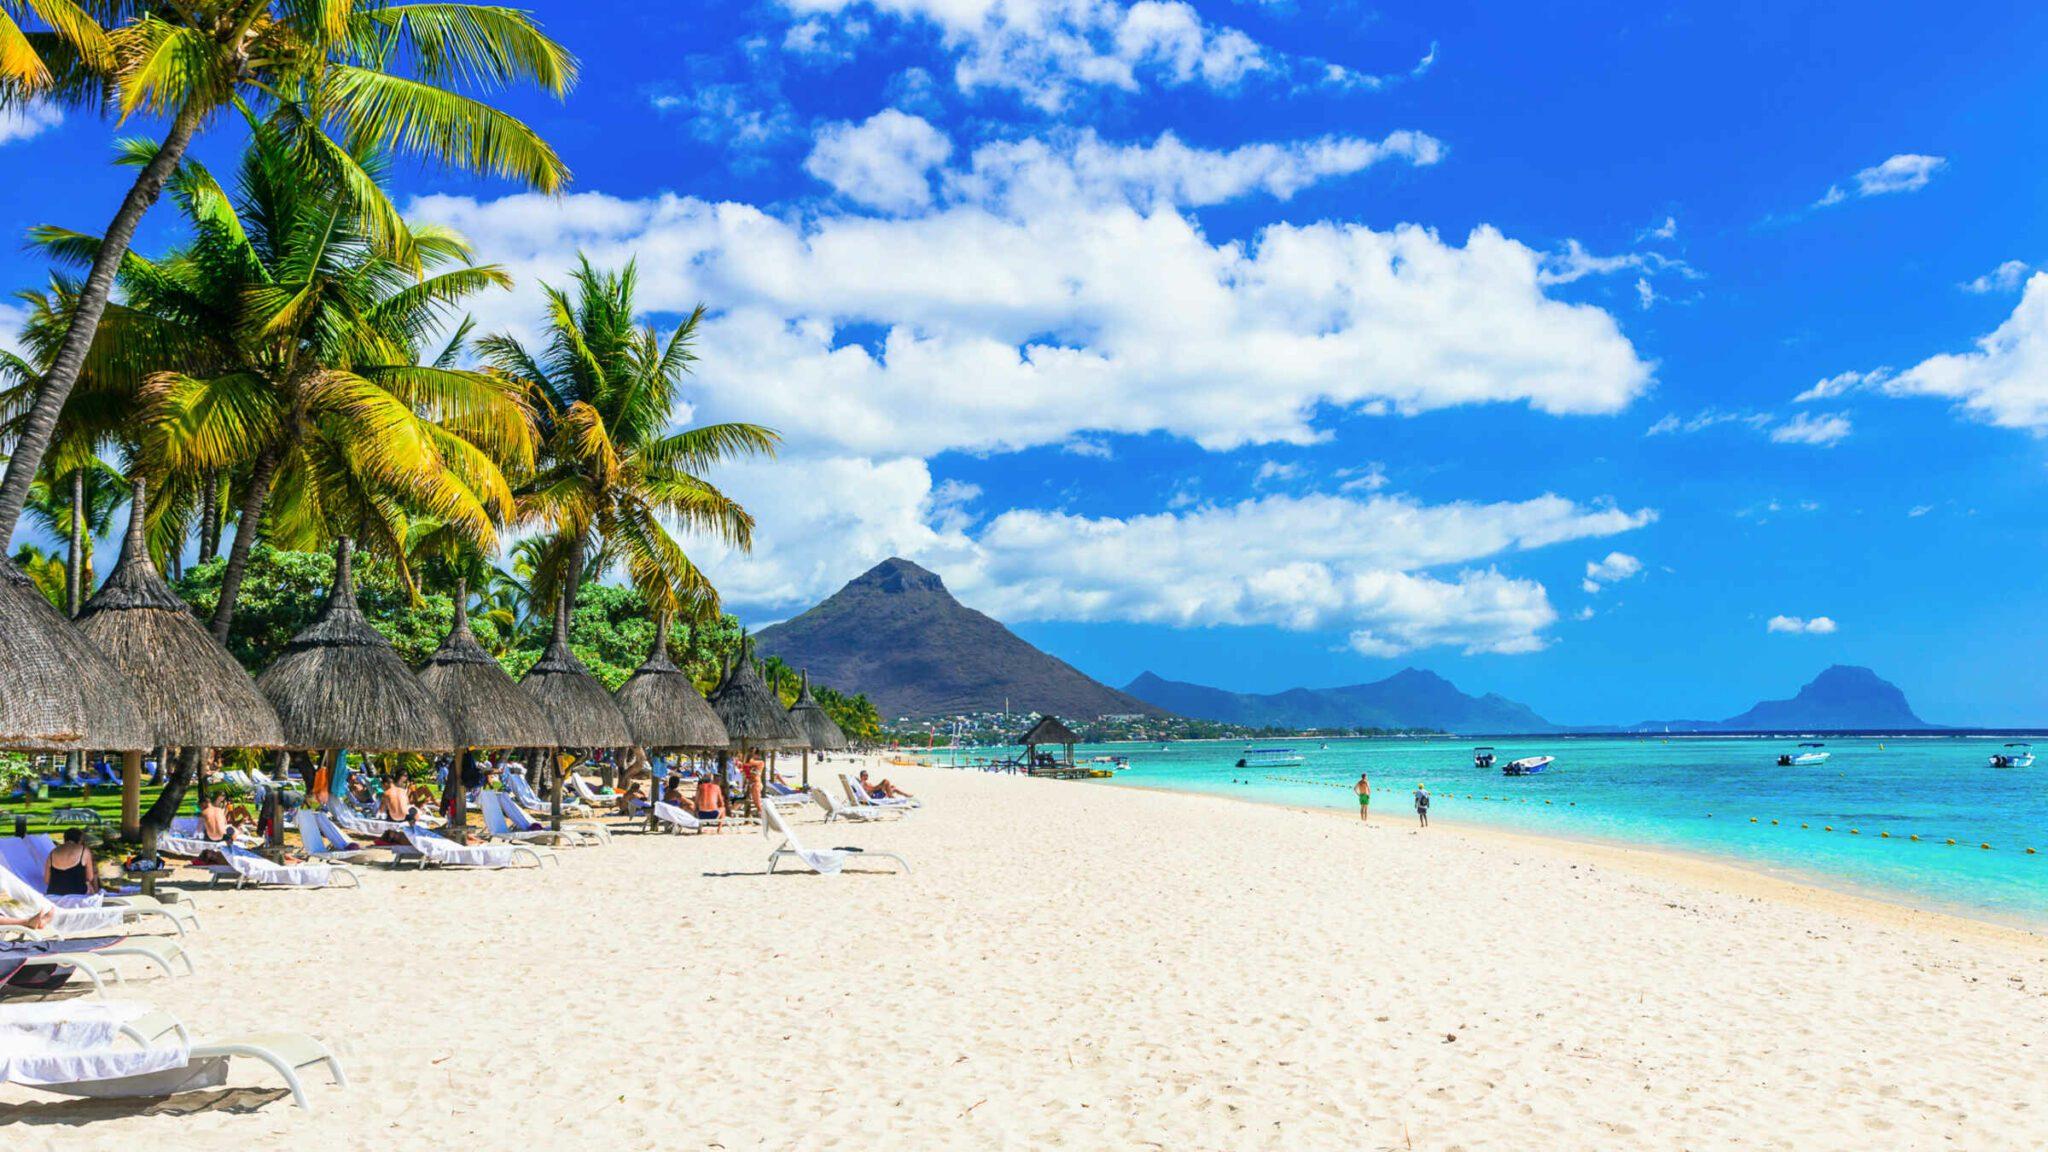 Μαυρίκιος, ο επίγειος παράδεισος στα νότια του Ινδικού Ωκεανού